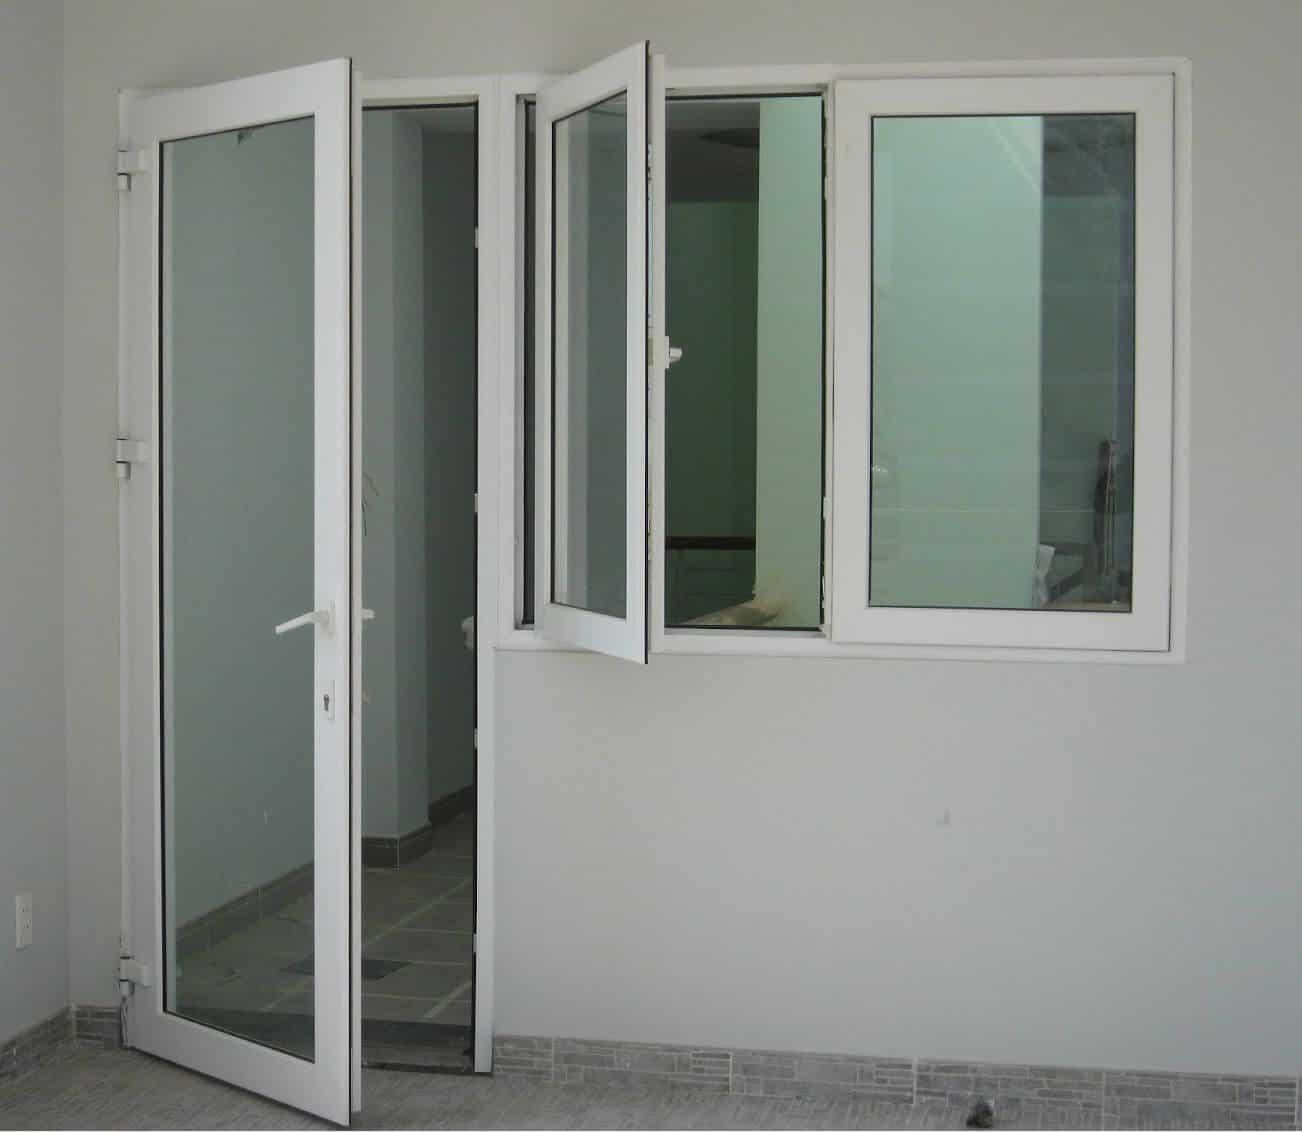 Cửa nhôm kính phòng khách mẹ bồng con khung nhôm trắng